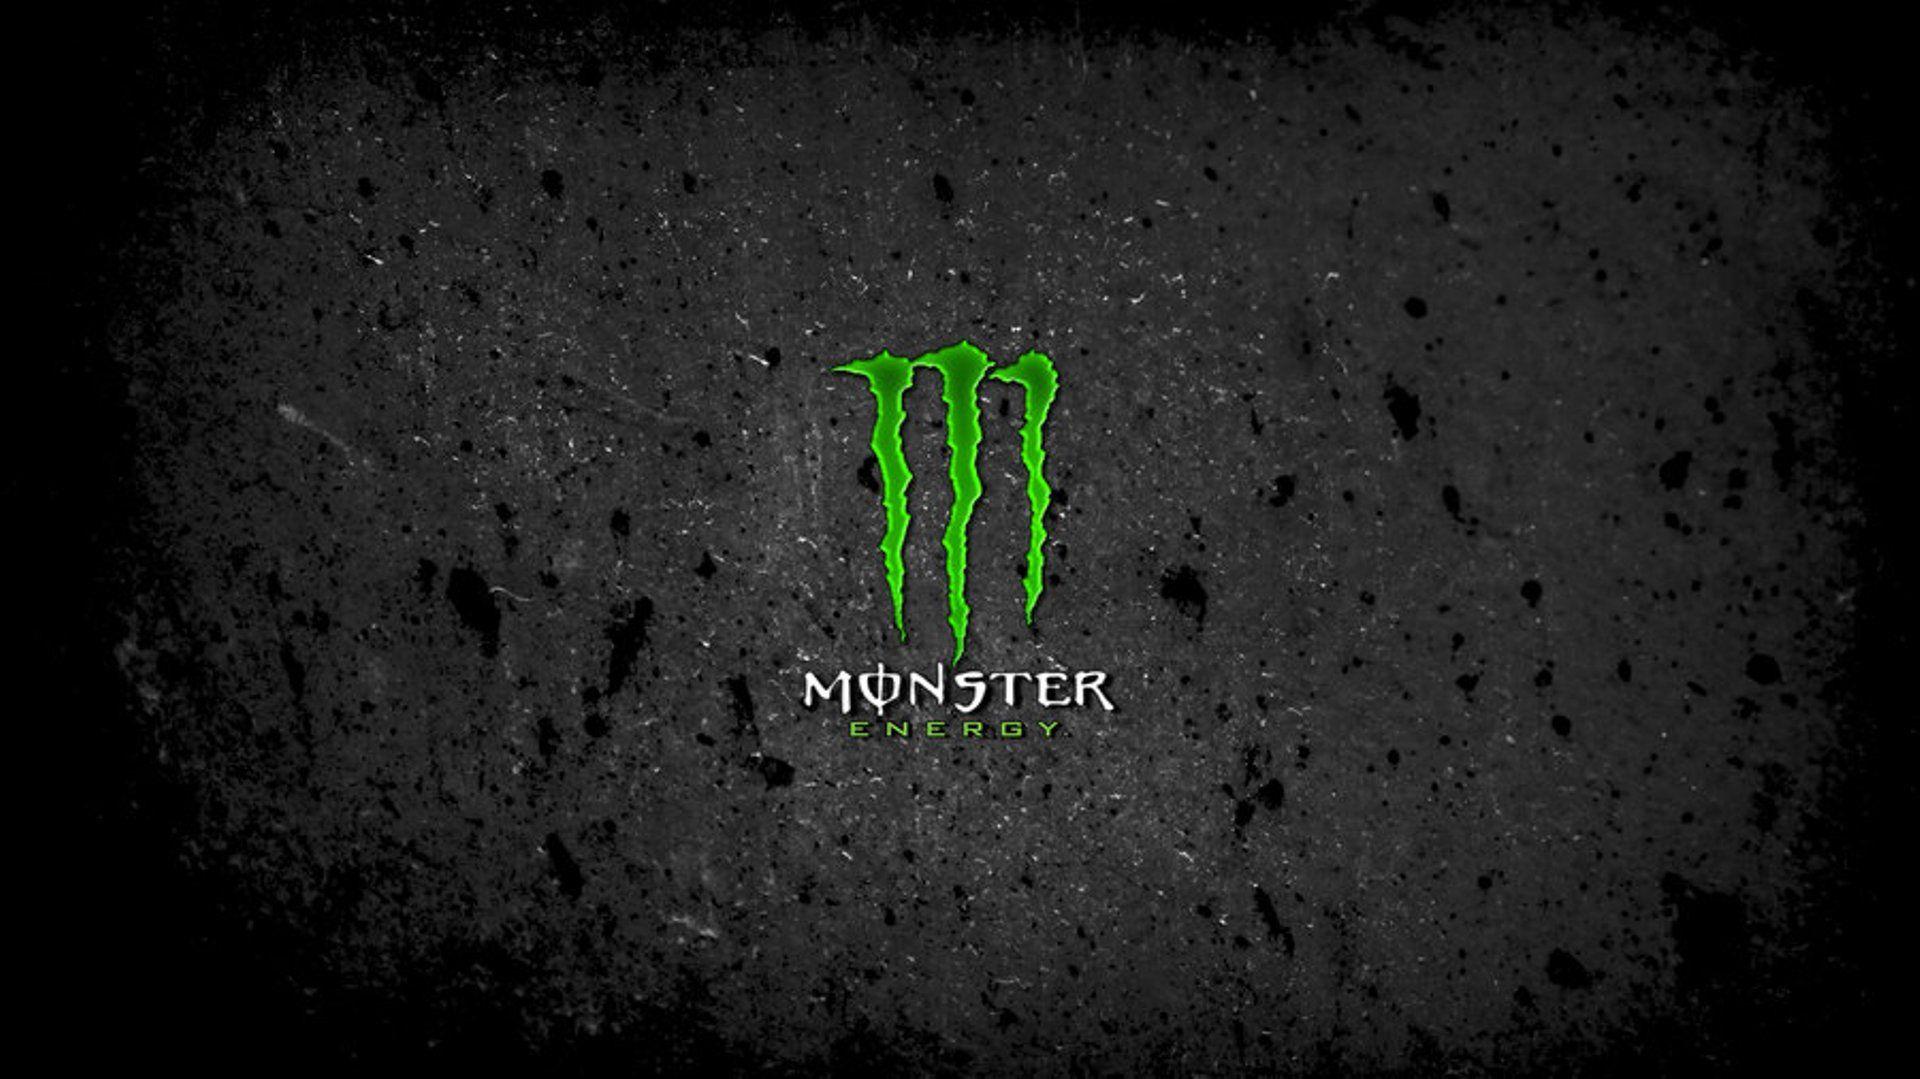 Monster Wallpaper Full Hd Monster Energy Monster Energy Drink Logo Monster Pictures